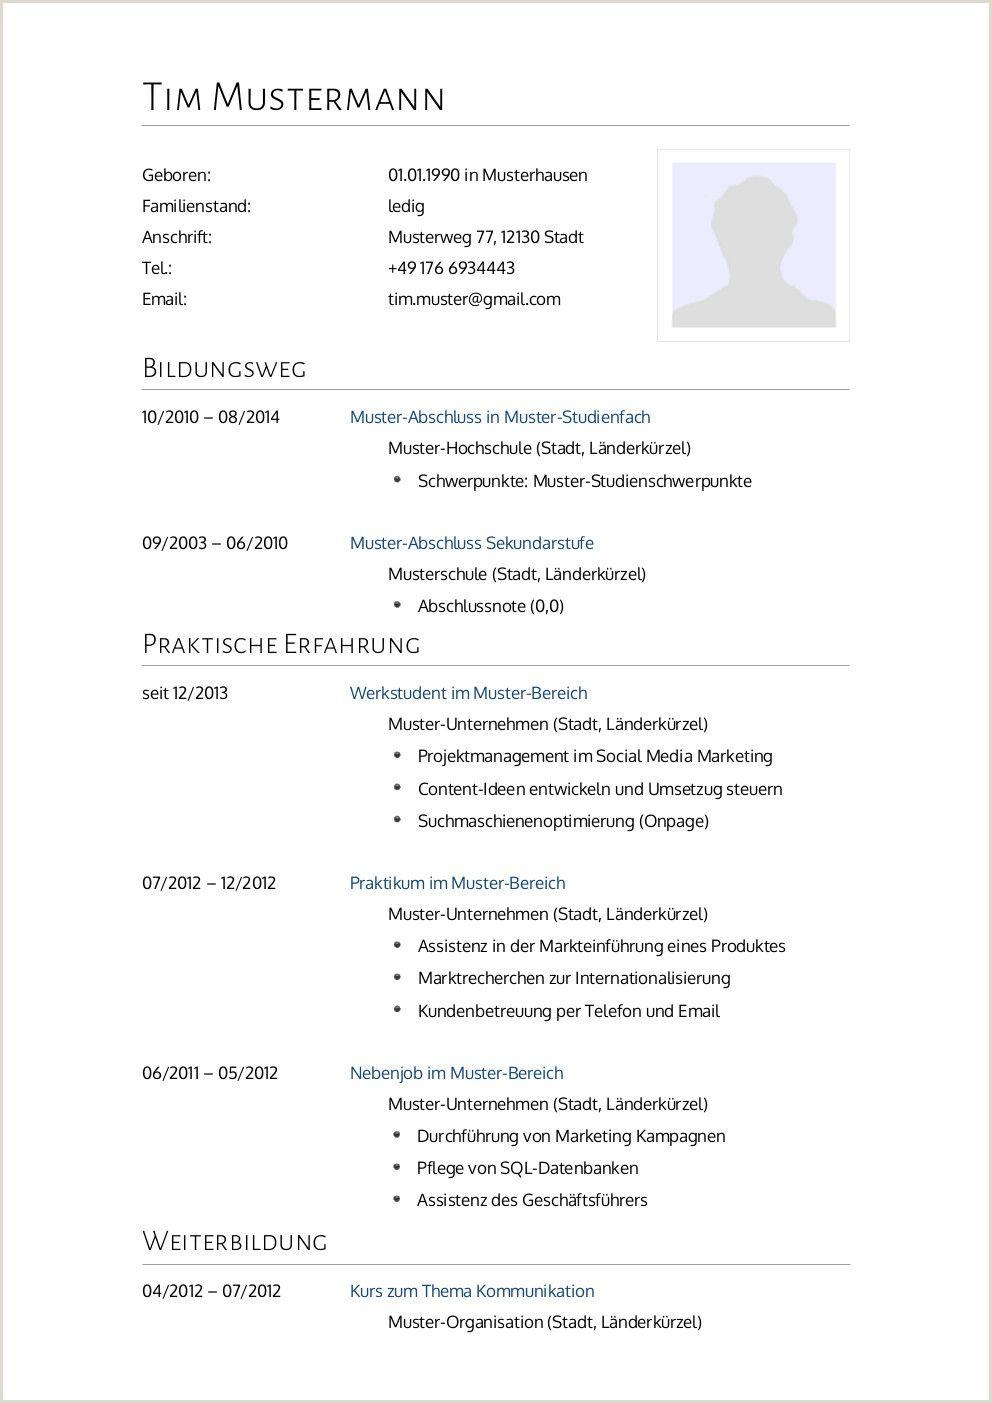 Lebenslauf Muster Medizinische Fachangestellte In 2020 Vorlagen Lebenslauf Lebenslauf Lebenslauf Muster